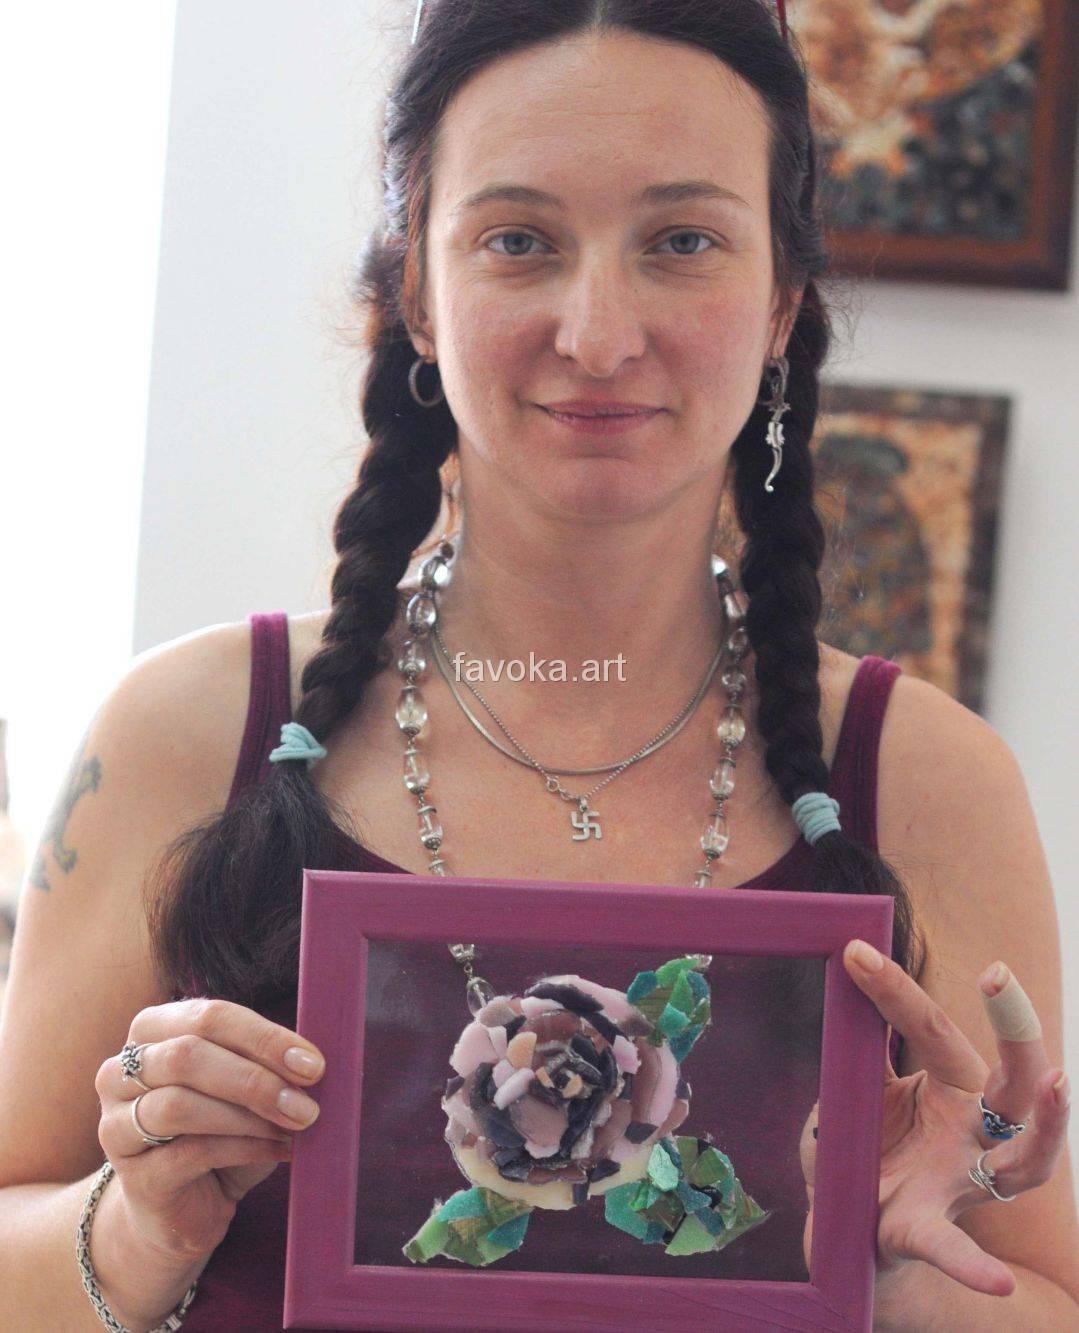 """Наша ученица с очаровательной Картиной, на которой изображён красивейший эскиз - страстный  алобардовый цветок, сделанной из мозаики, после нашего мастер-класса """"Цветы на стекле""""."""